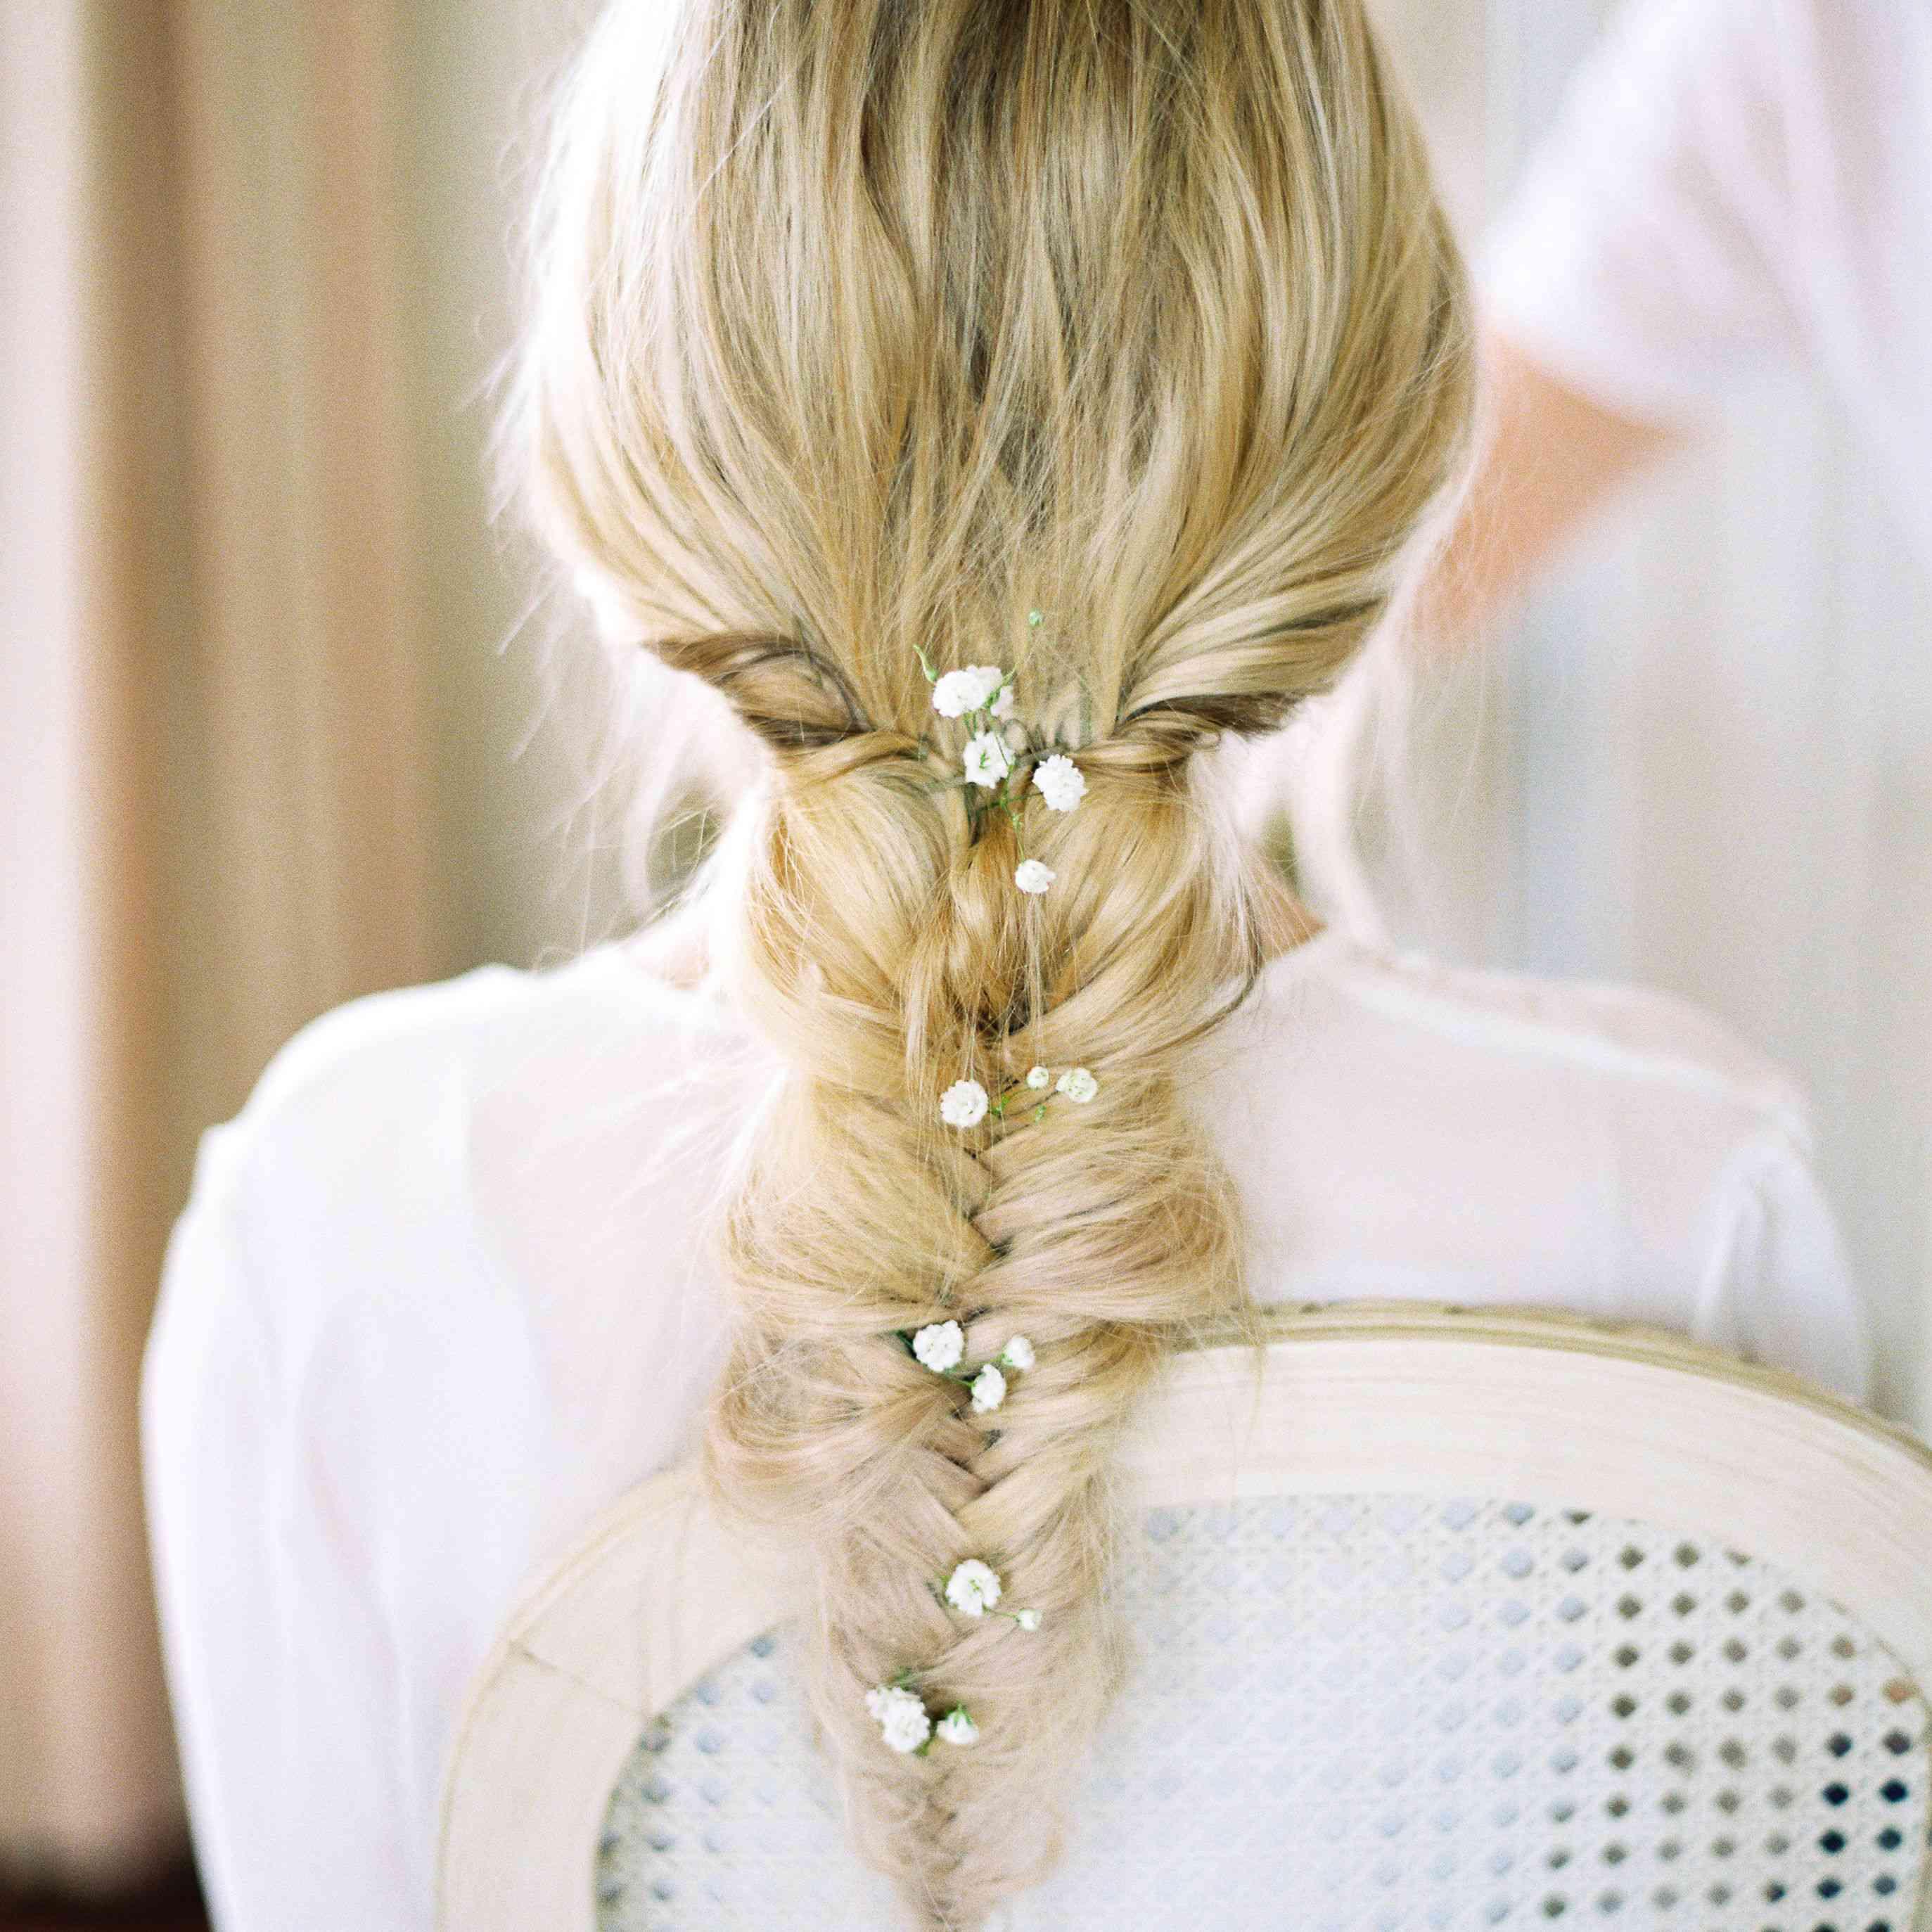 Bridal fishtail